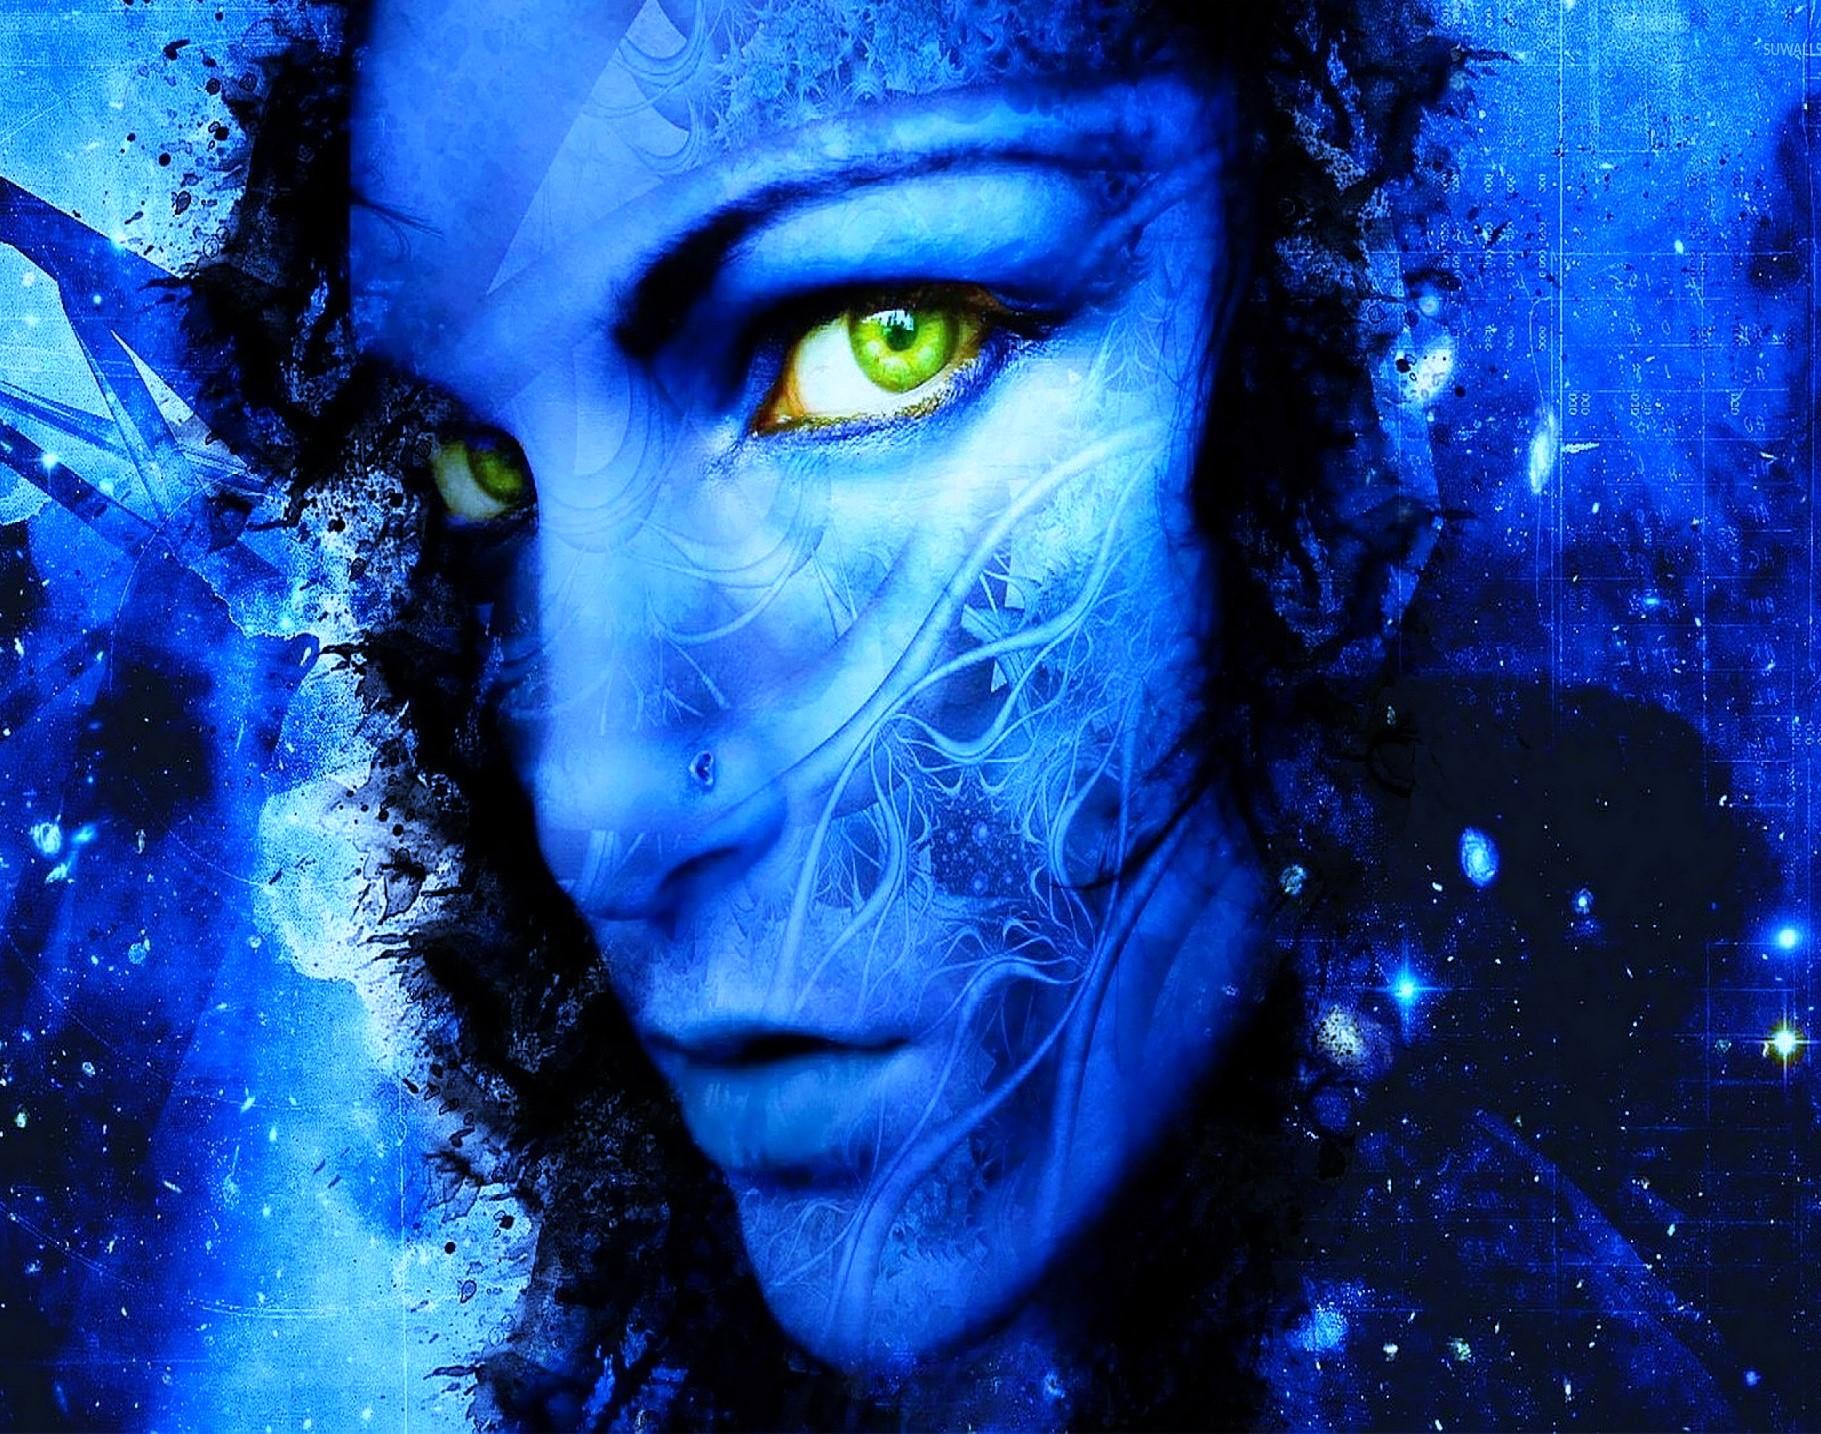 blue-suwalls-com